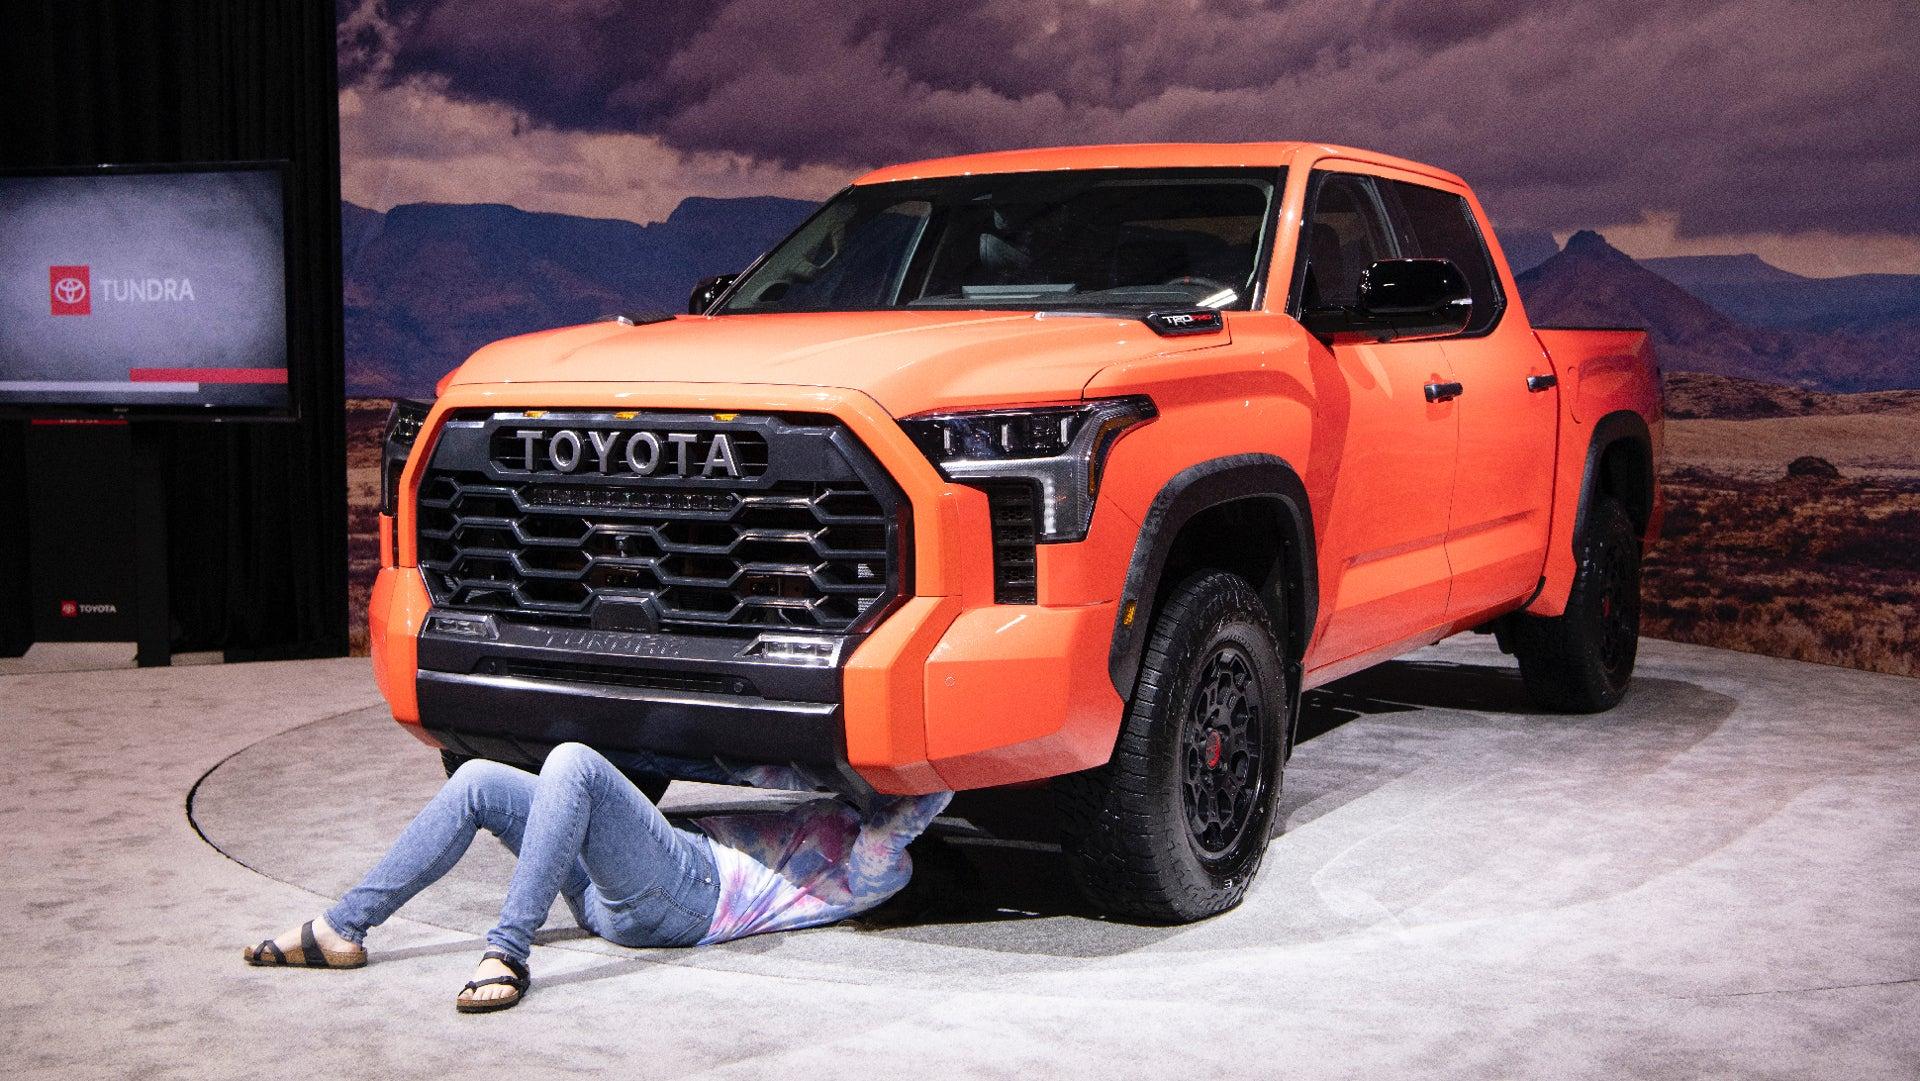 انطباعات تويوتا تندرا 2022 العملية: دعونا نرغب في الخروج بشاحنة ما قبل الإنتاج  🚀